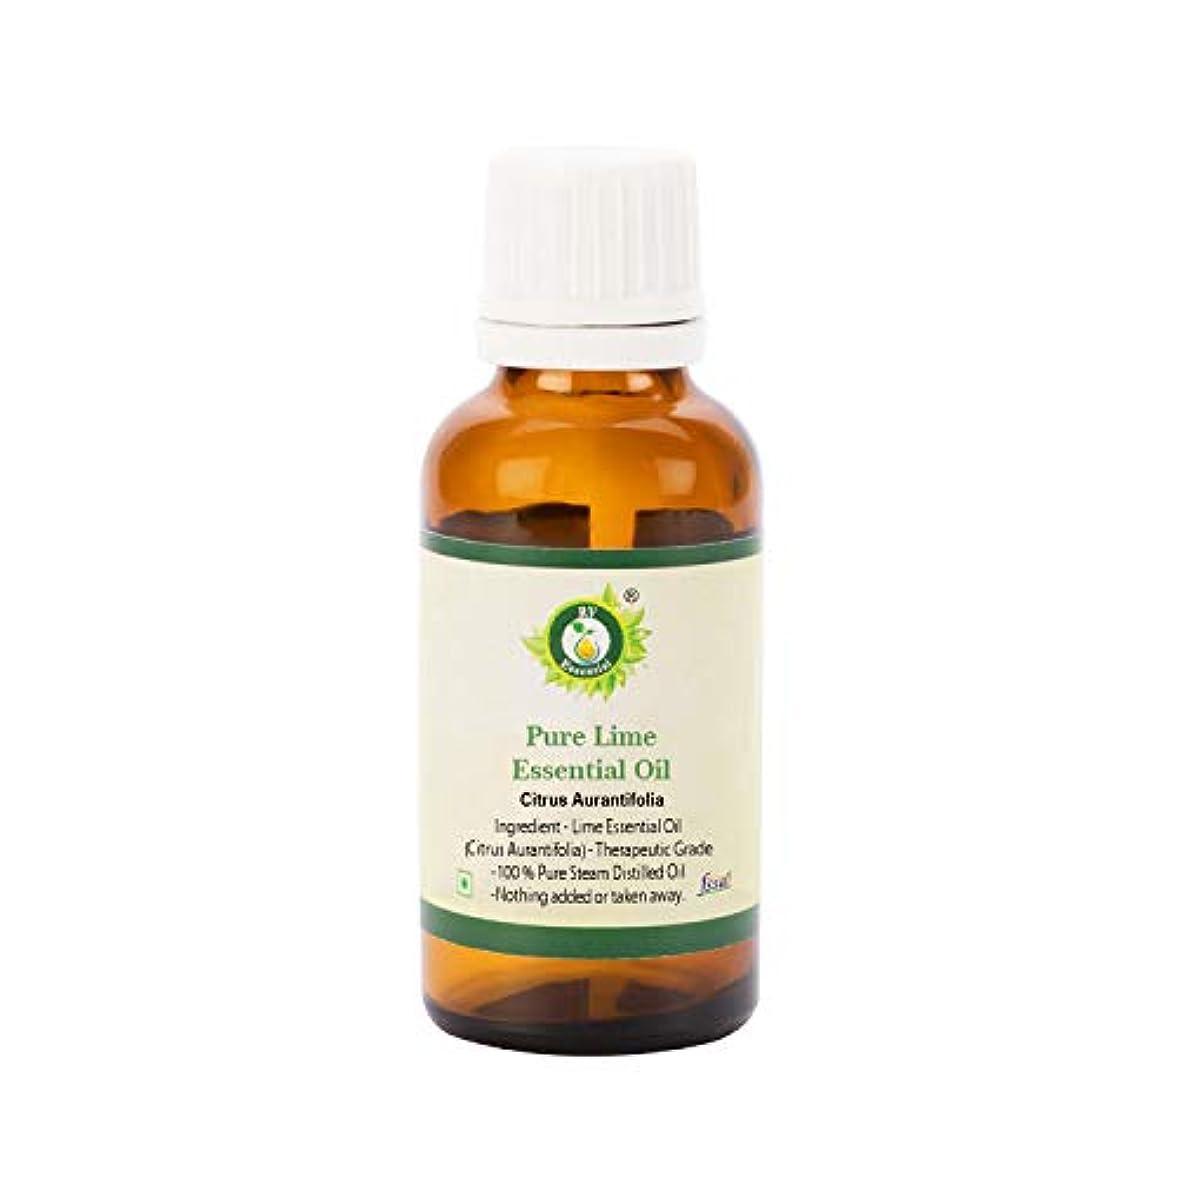 天文学区画マイクロプロセッサピュアライムエッセンシャルオイル630ml (21oz)- Citrus Aurantifolia (100%純粋&天然スチームDistilled) Pure Lime Essential Oil